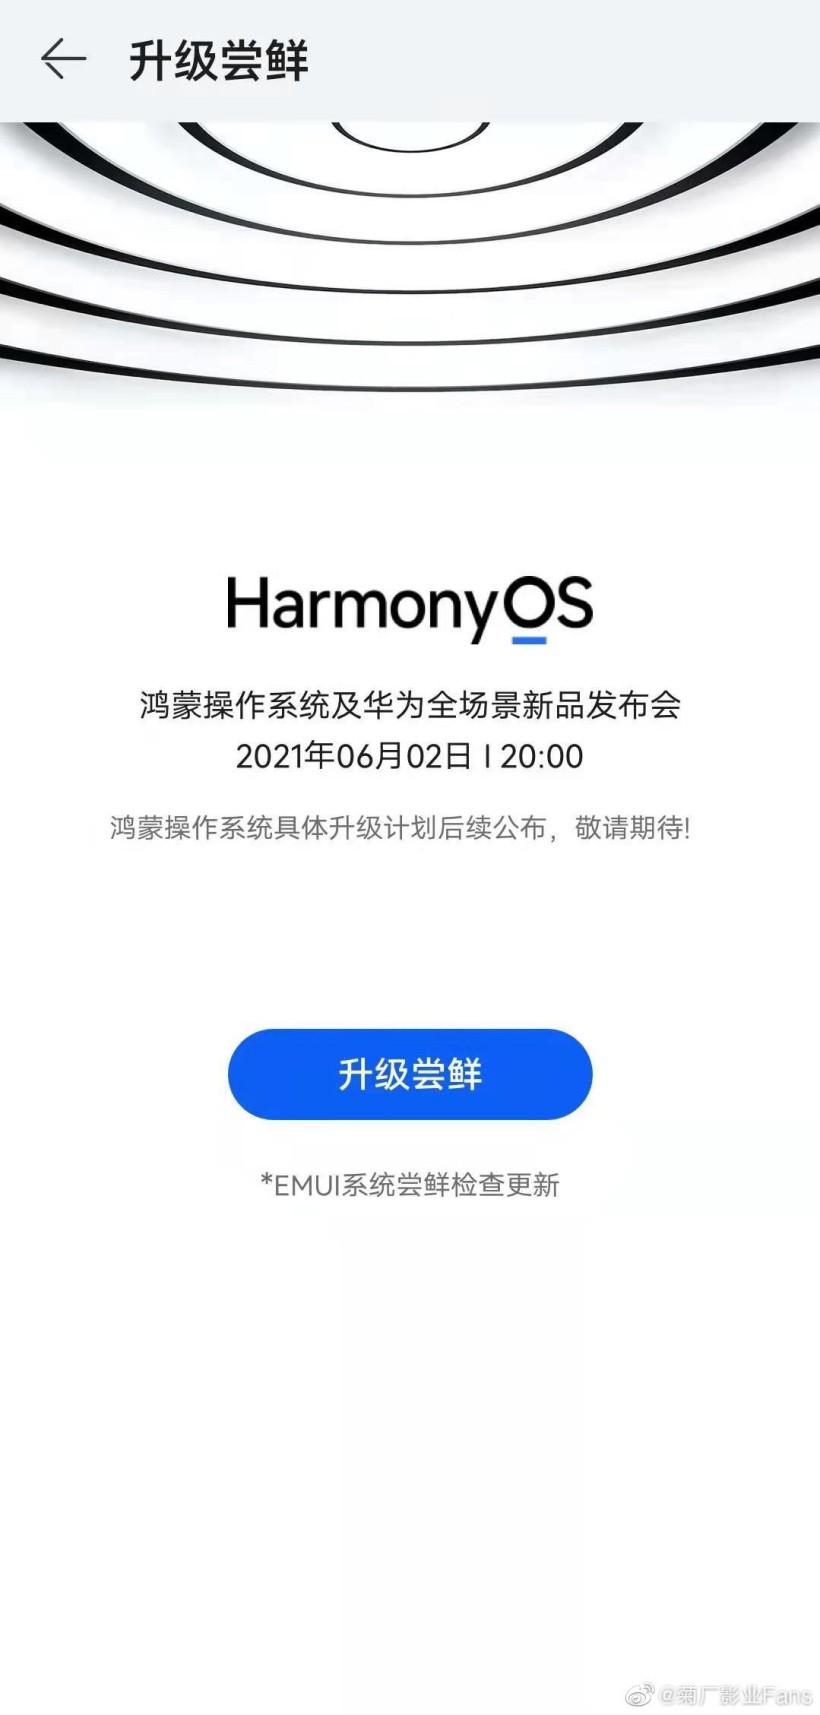 علاقهمندان میتوانند برای دسترسی اولیه به سیستم عامل هارمونی هوآوی ثبتنام کنند